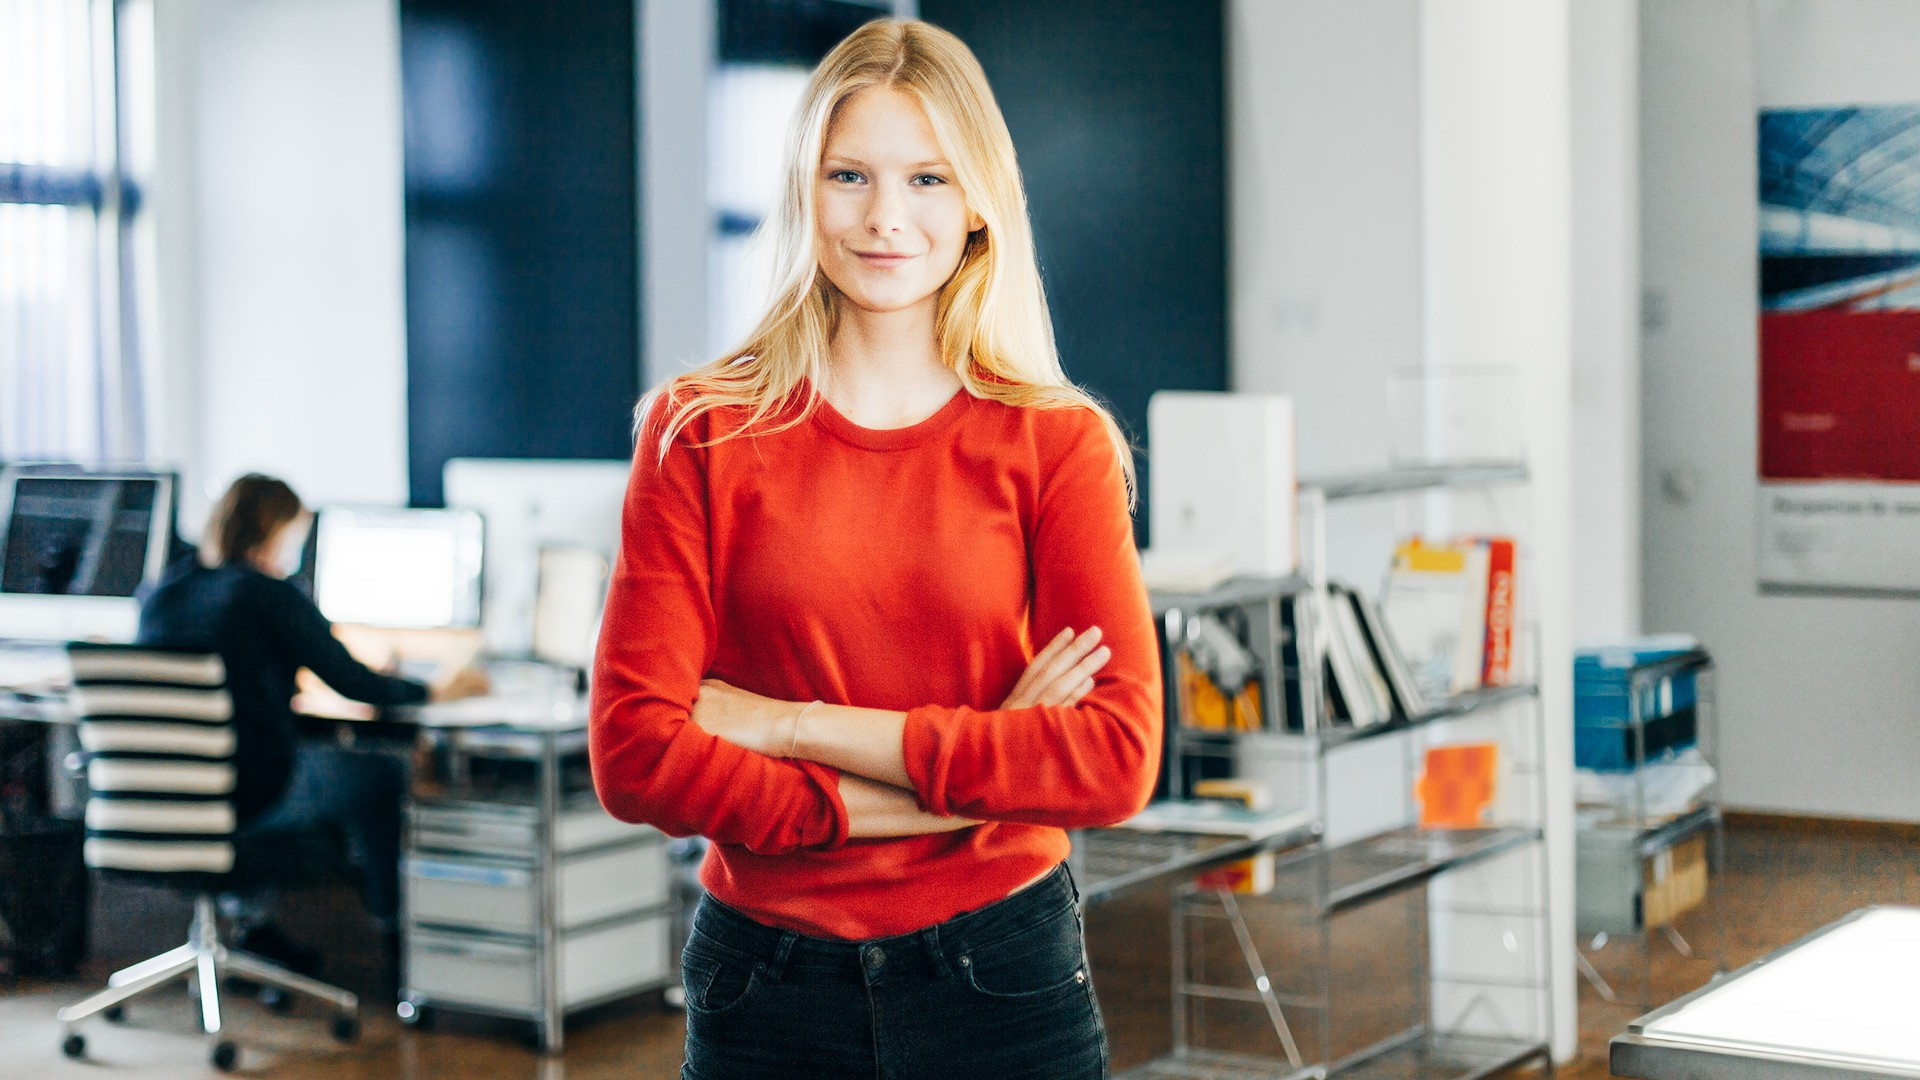 Das ist Pia. Sie hat lange blonde Haare und trägt einen roten Pulli. Im Hintergrund sieht man unscharf ein Bücherregal und Schreibtische mit Monitoren.